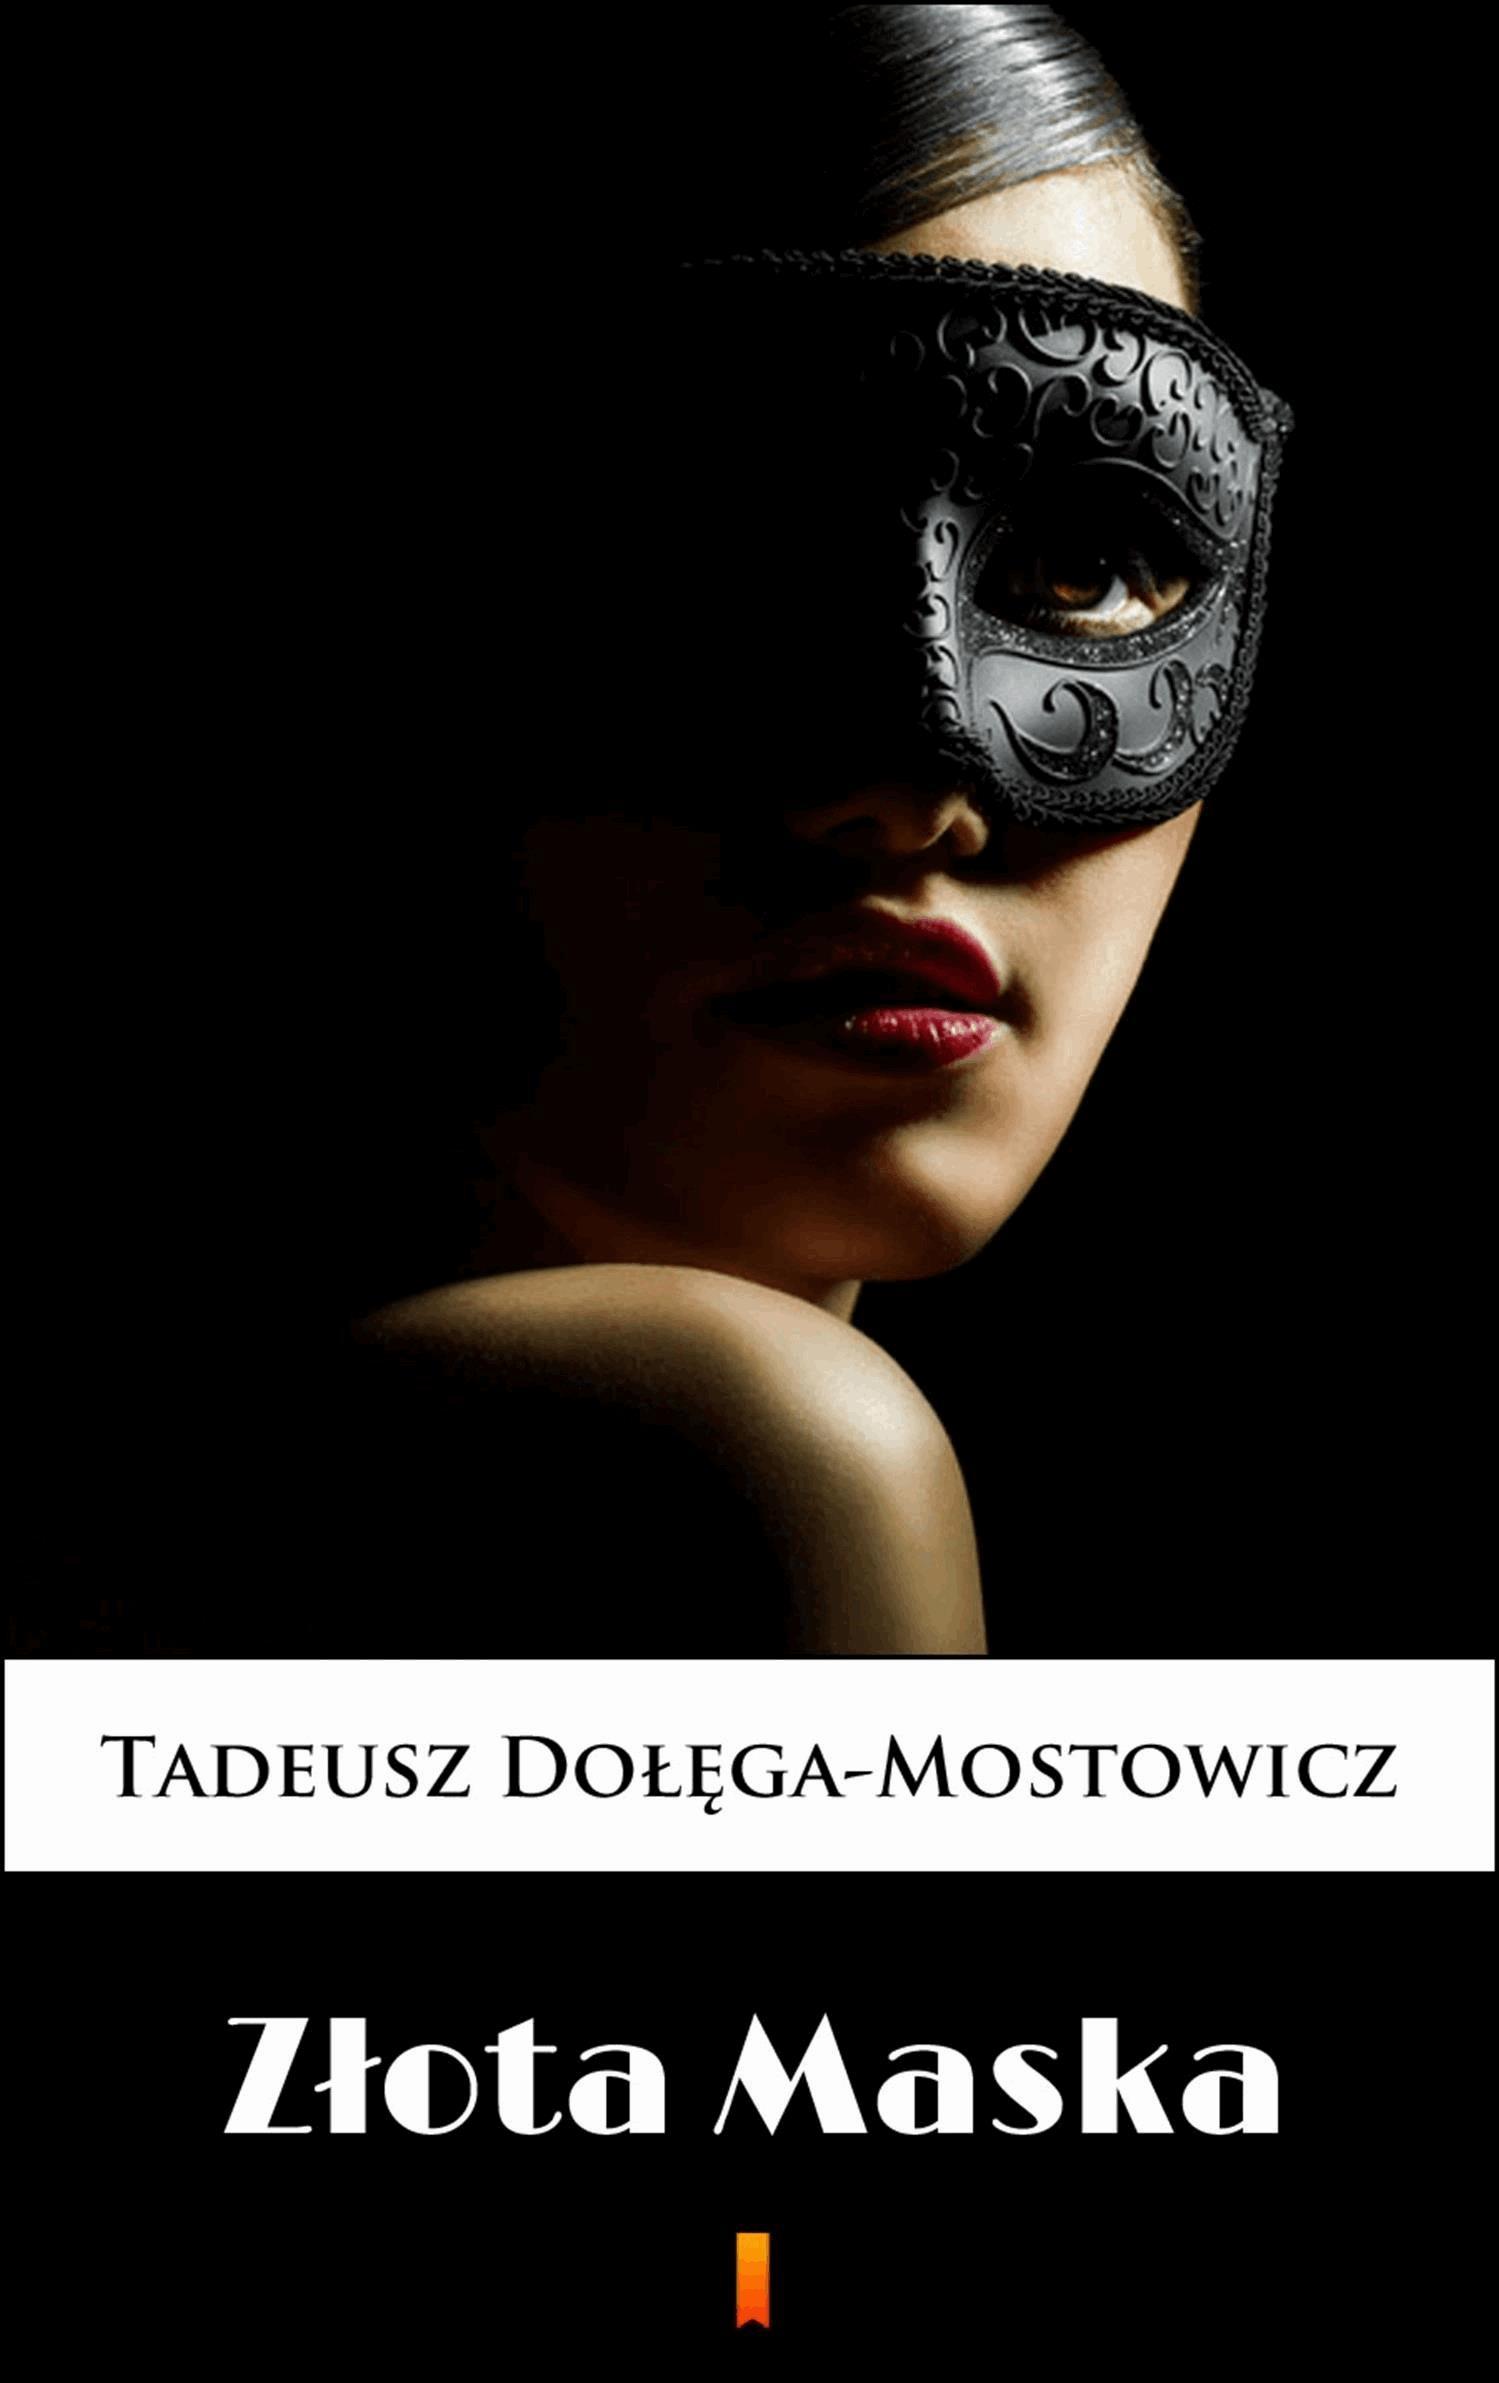 Złota Maska - Tylko w Legimi możesz przeczytać ten tytuł przez 7 dni za darmo. - Tadeusz Dołęga-Mostowicz